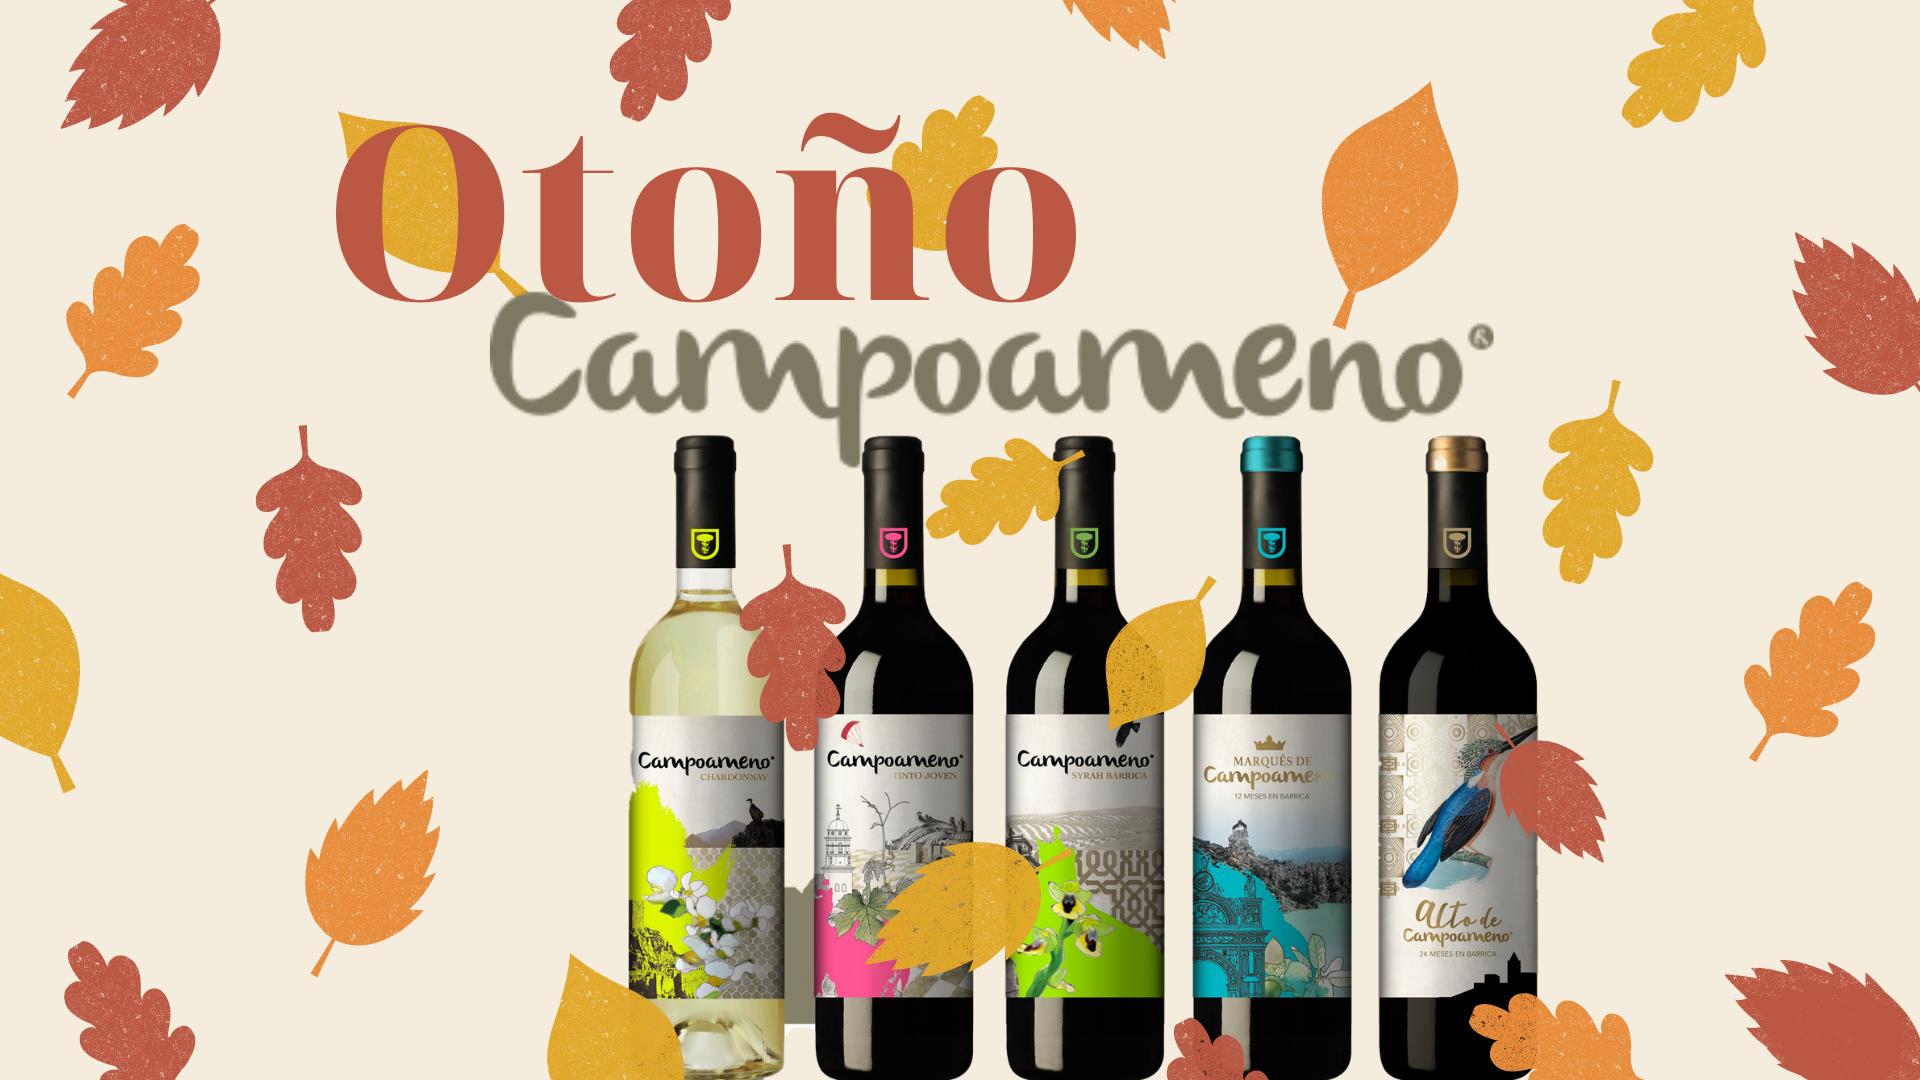 Otoño vinos Campoameno